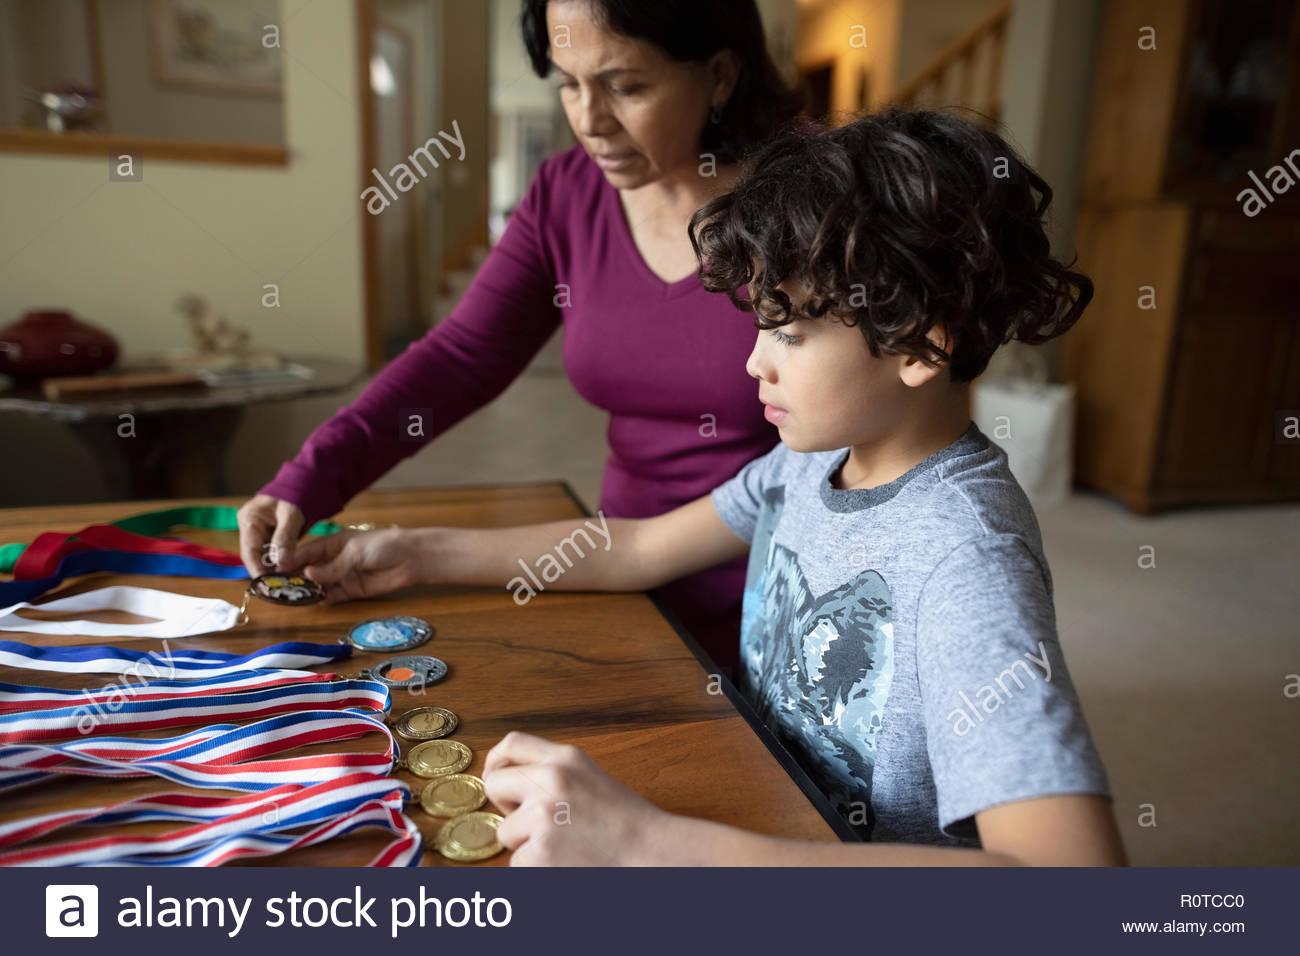 Grand-mère et son petit-fils à Latinx à médailles sportives Photo Stock